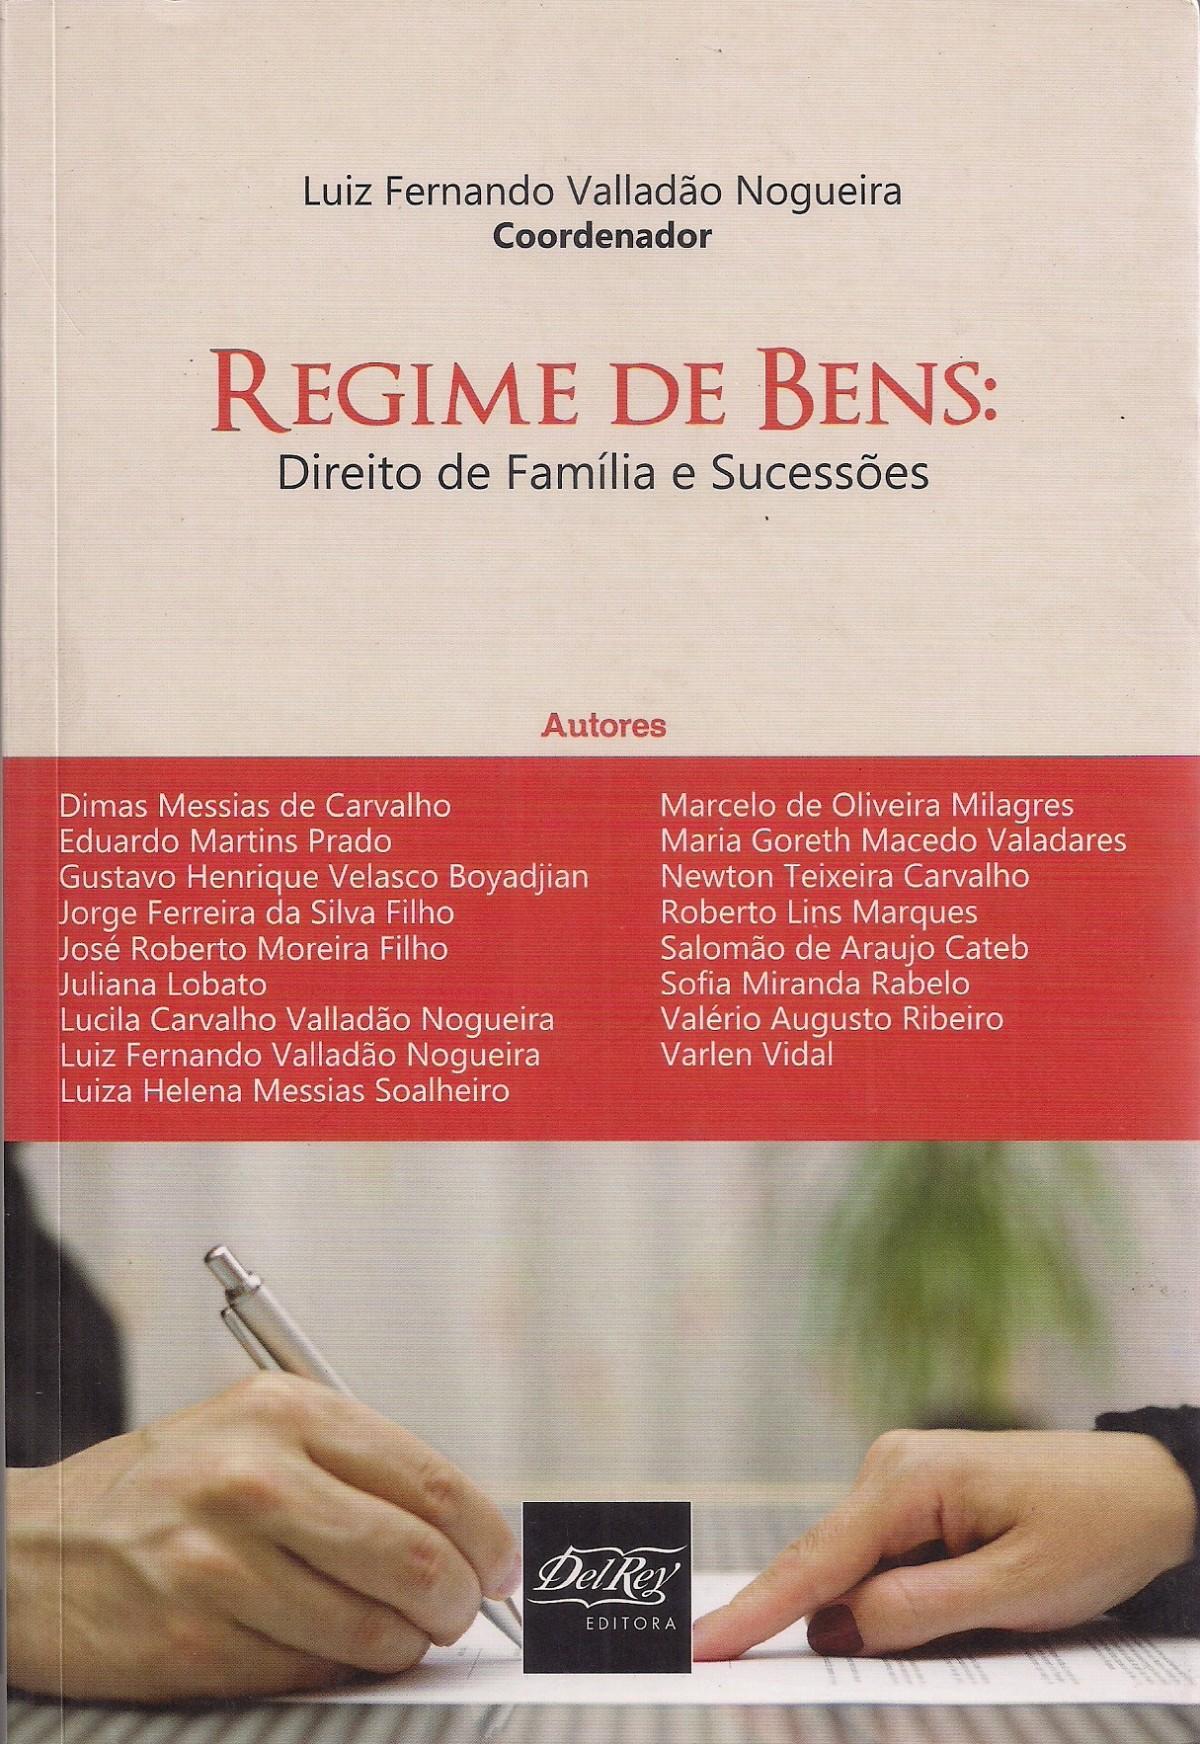 Foto 1 - Regime de Bens - Direito de Família e Sucessões